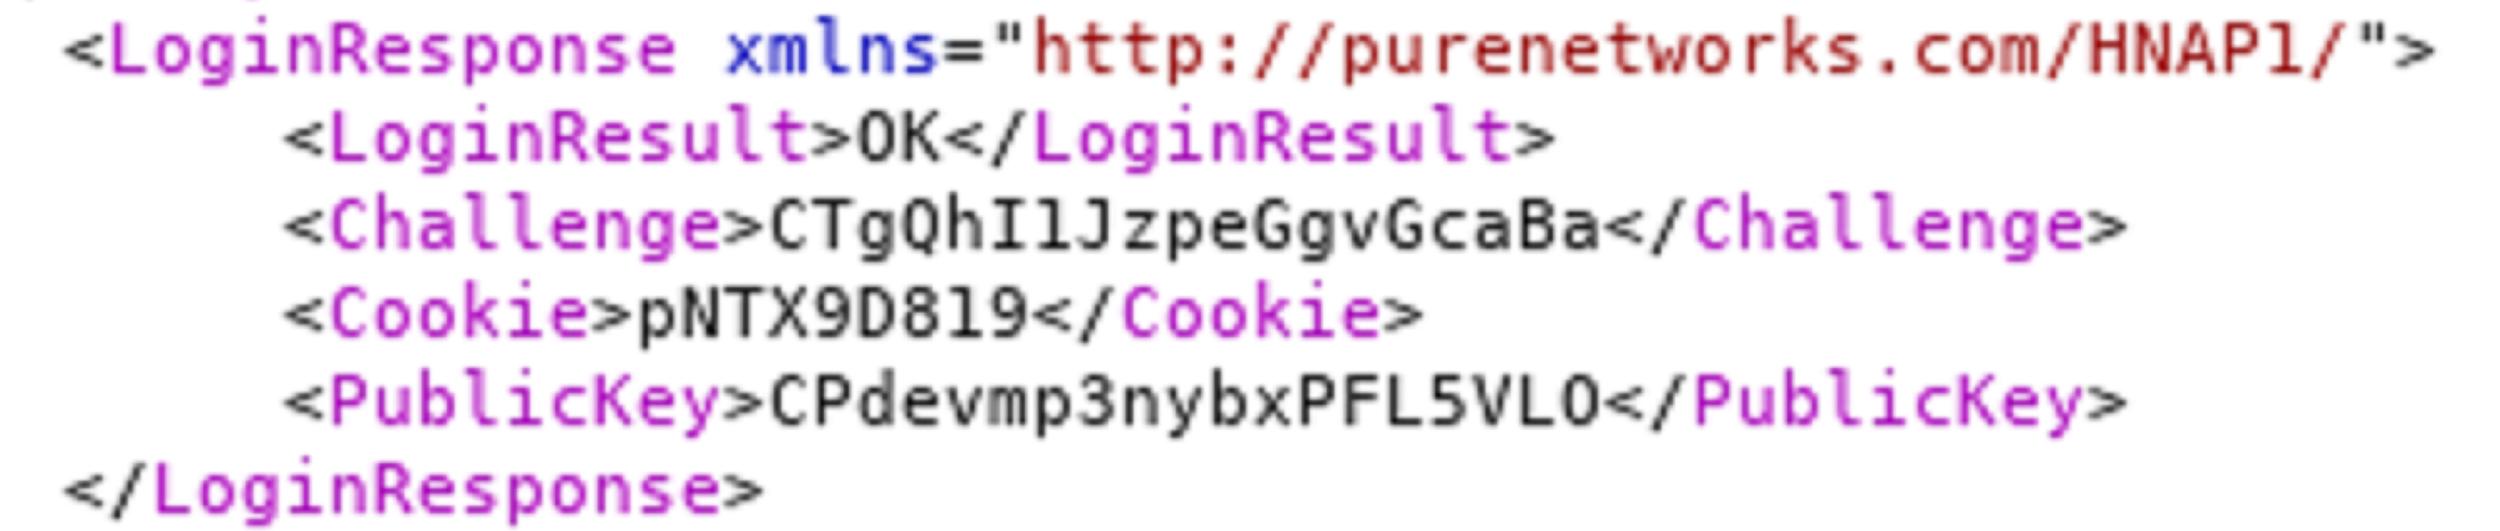 図7: チャレンジ、Cookie、および公開鍵のクリアテキスト送信